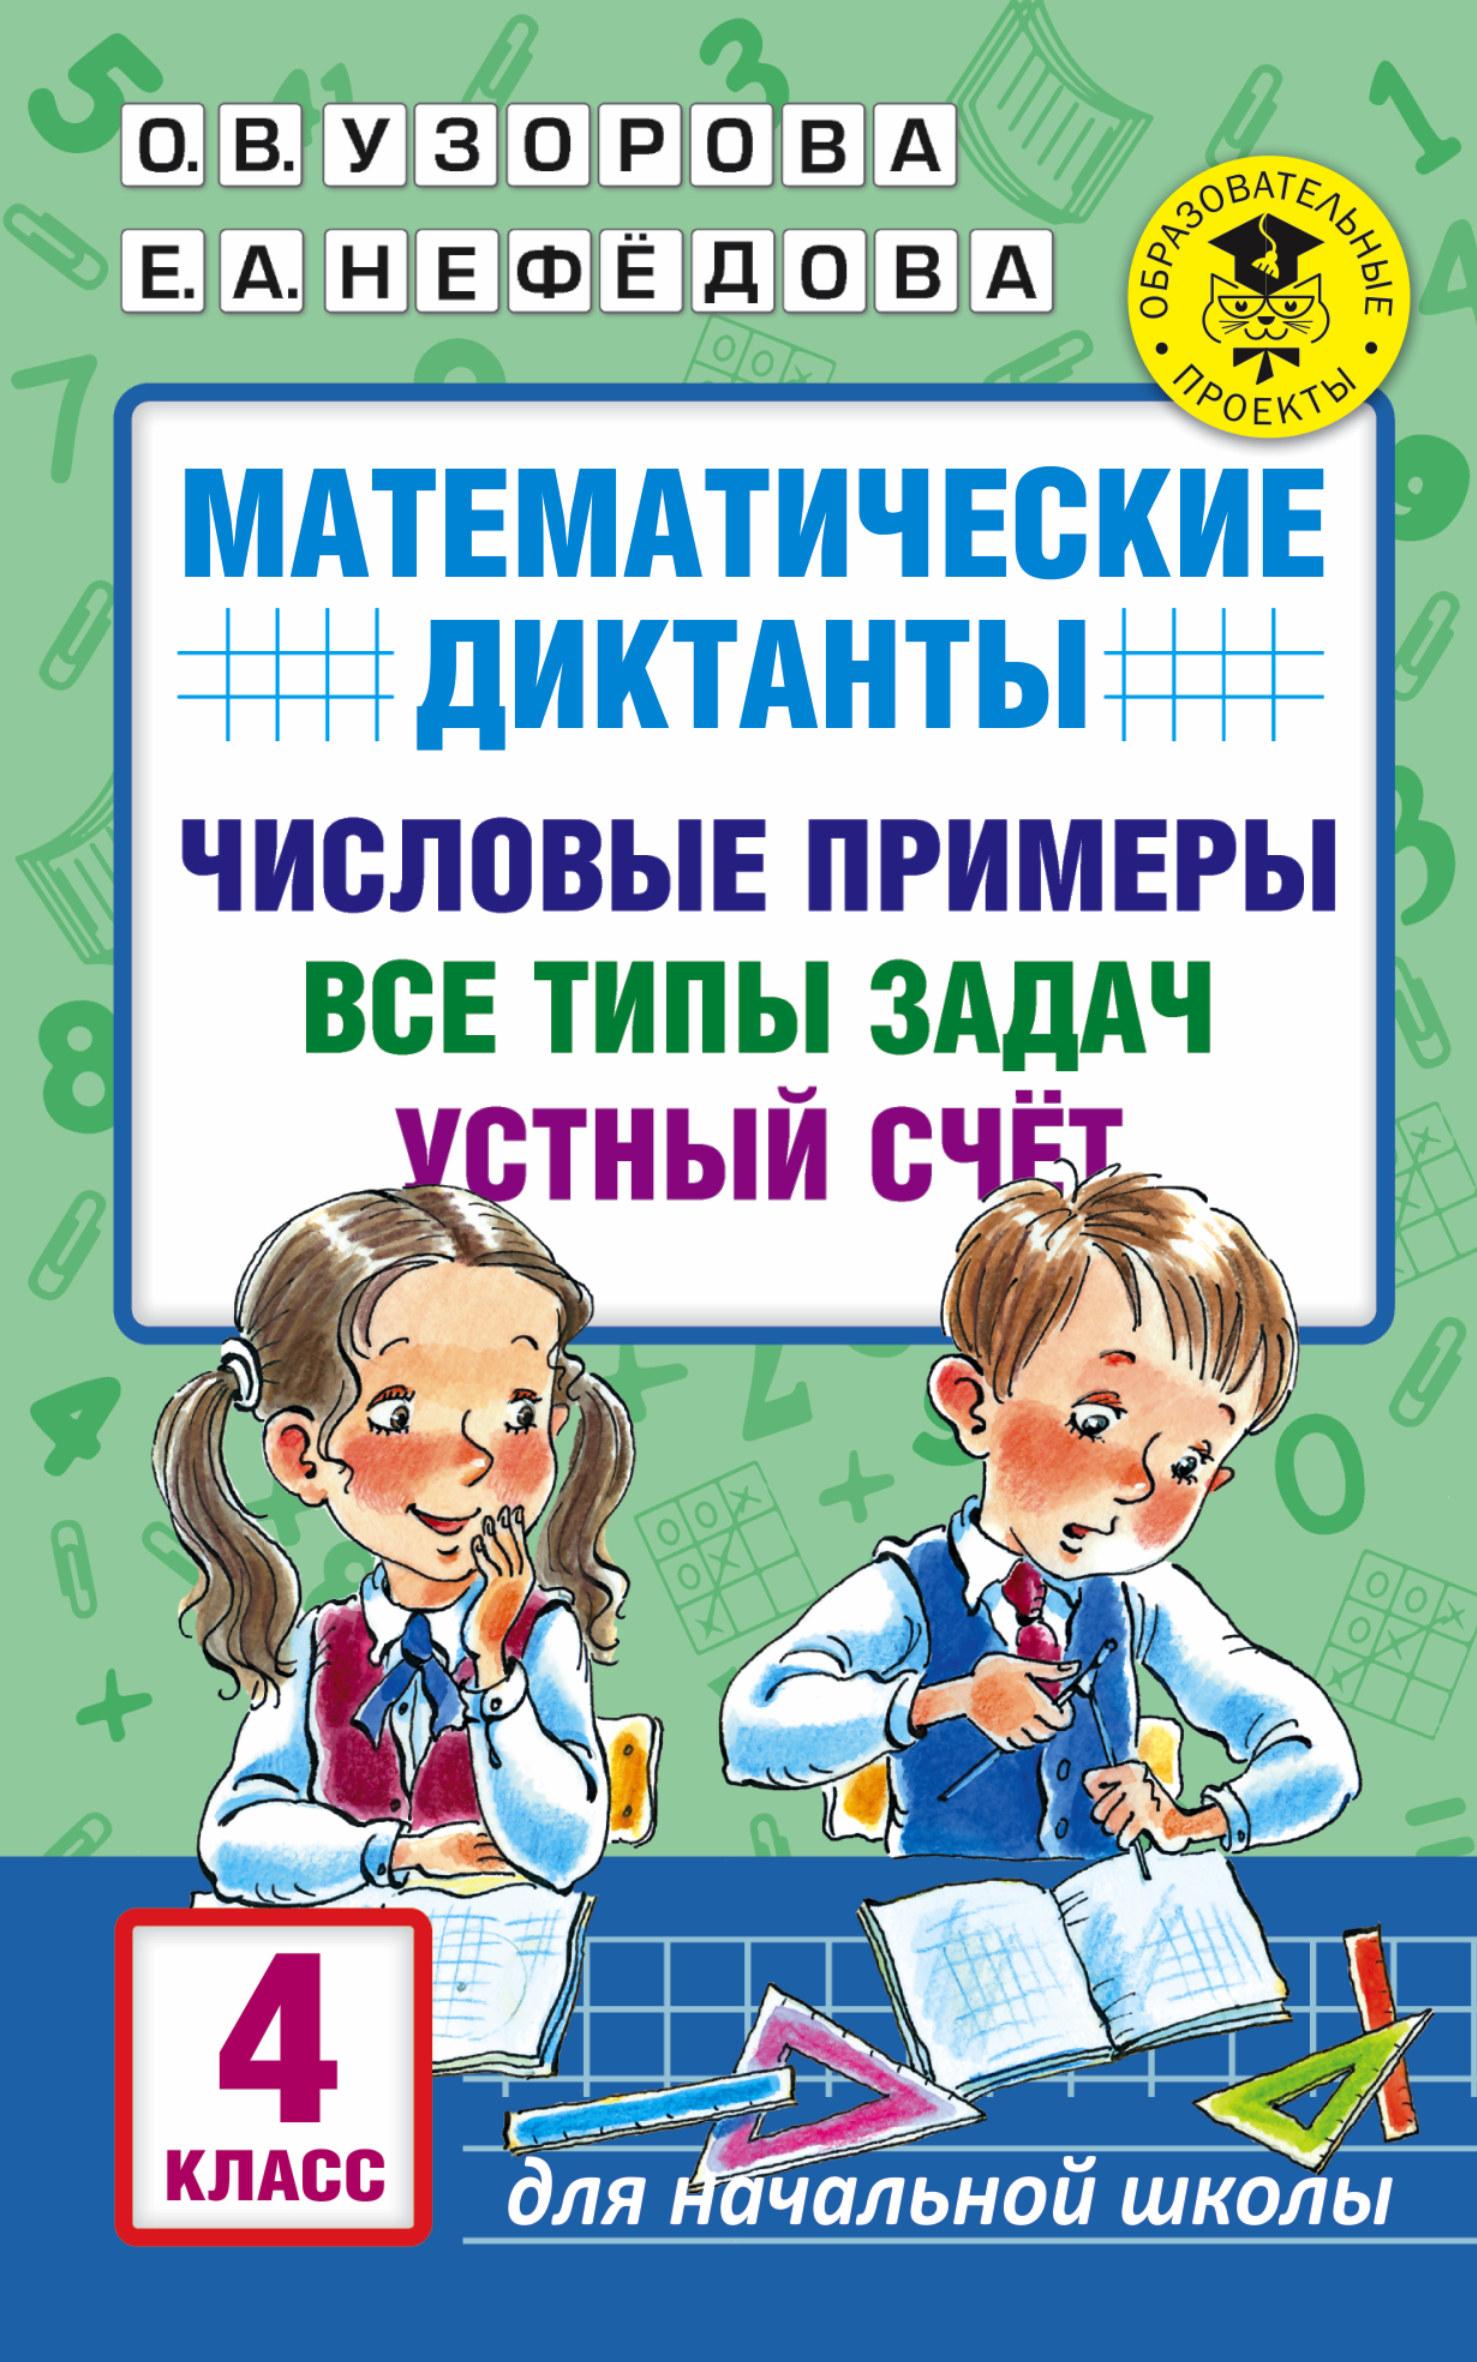 Математические диктанты. 4 класс. Числовые примеры. Все типы задач. Устный счёт